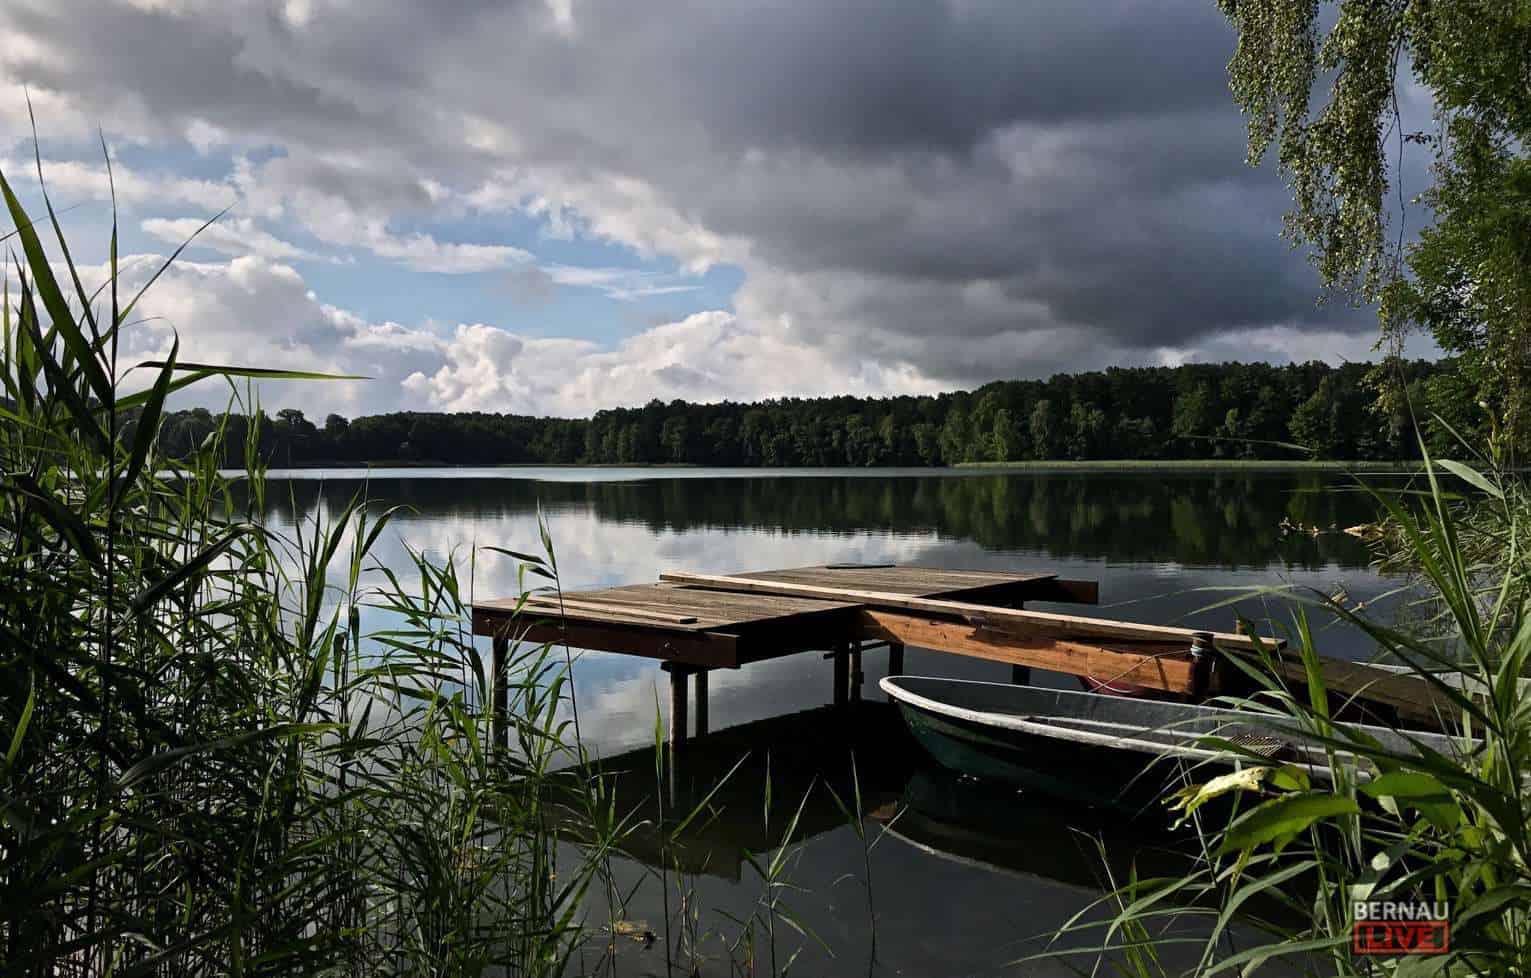 Bernau - Barnim: Wir wünschen Euch einen schönen schönen und ruhigen Feiertag